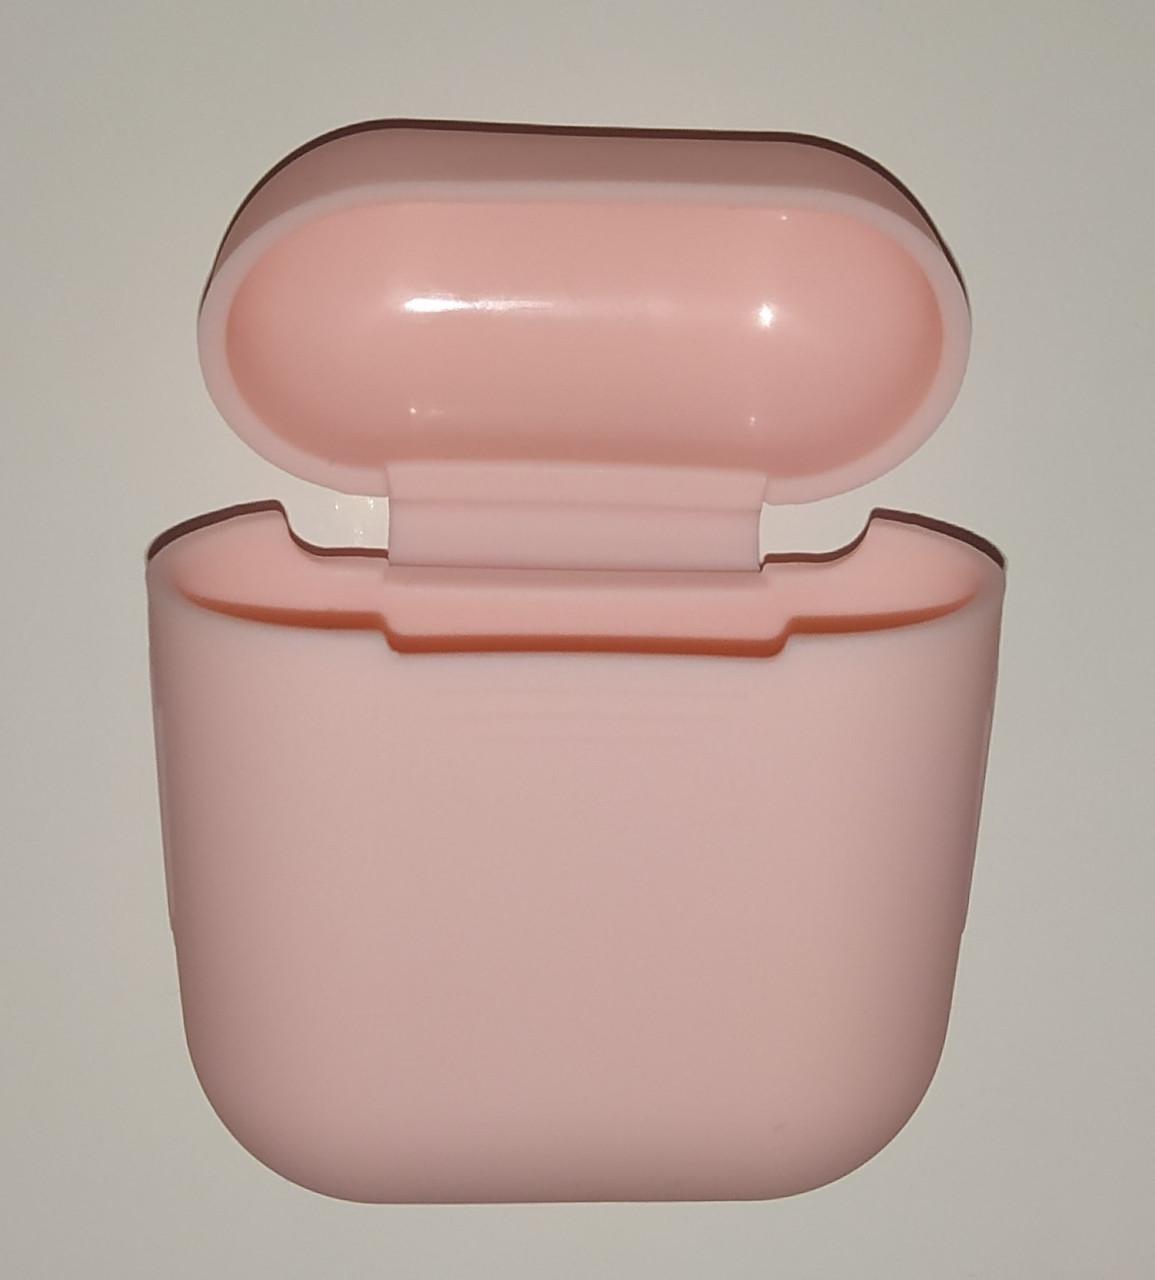 Чехол на AirPods розовый, силиконовый